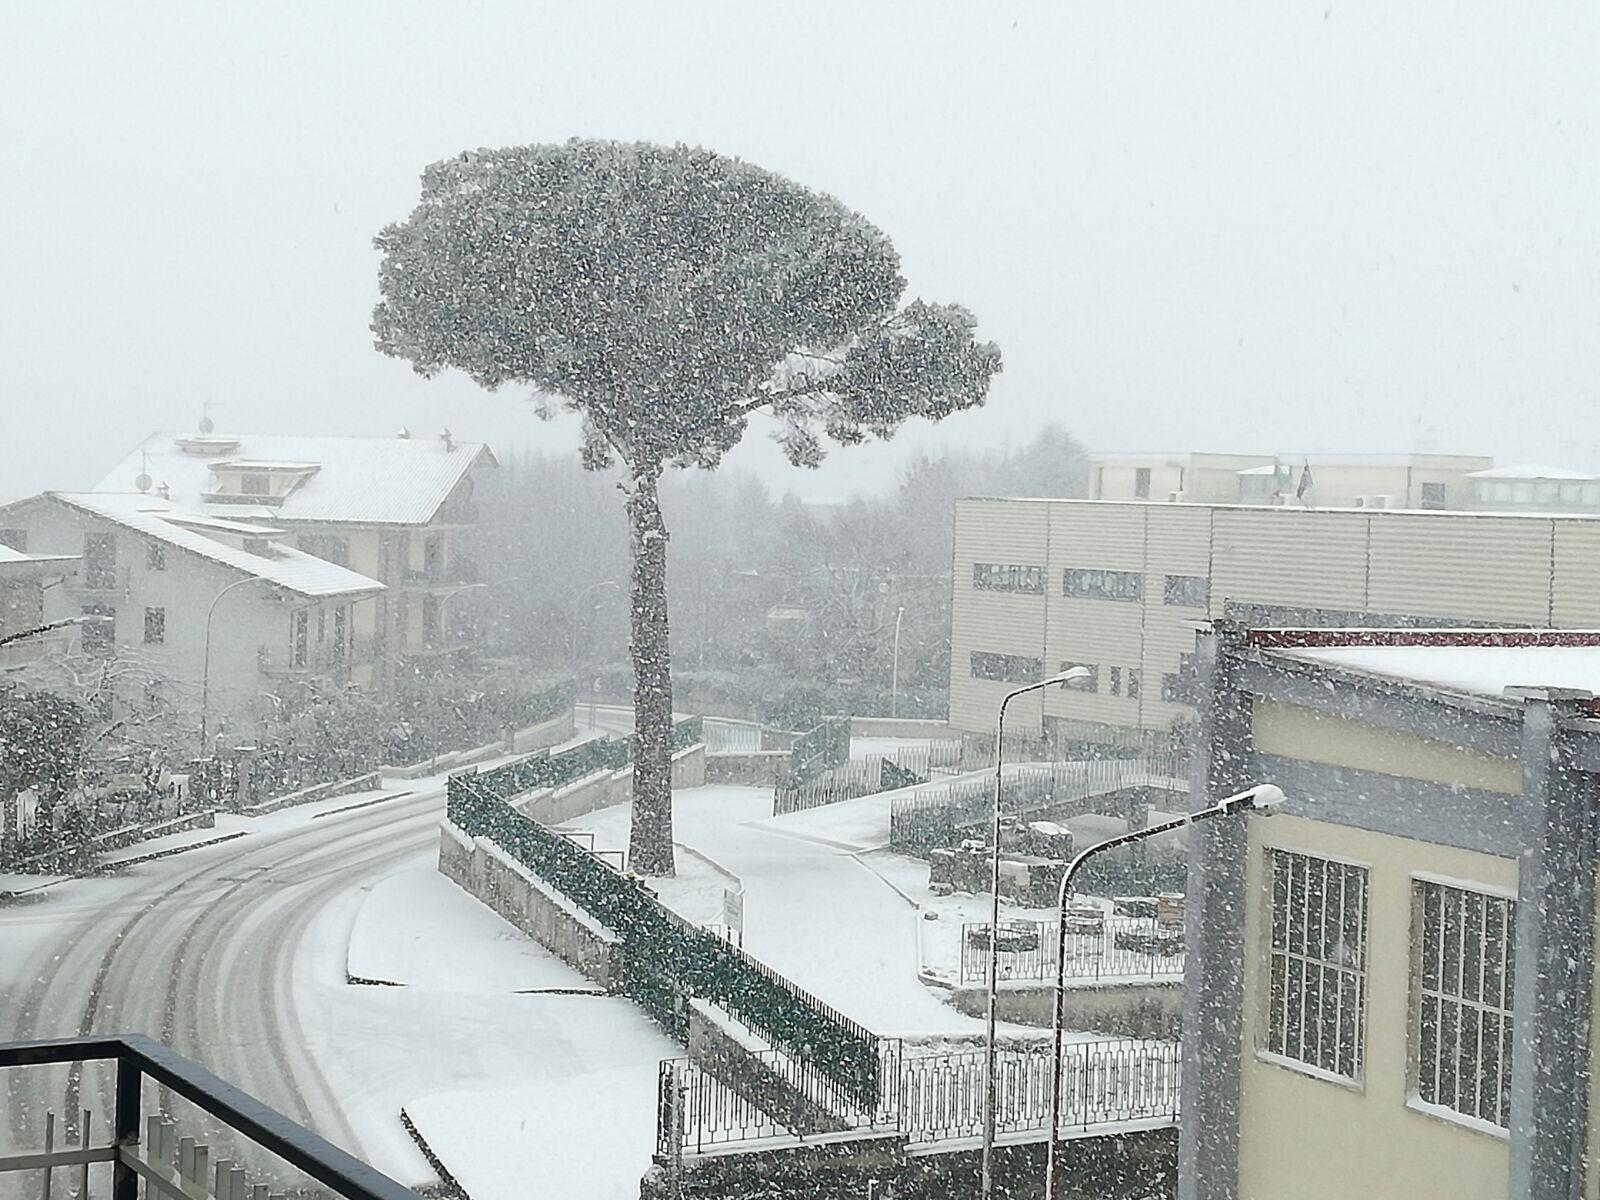 01 3 - Sardegna centrale, situazione grave. Spazzaneve bloccati. Questo è meteo estremo